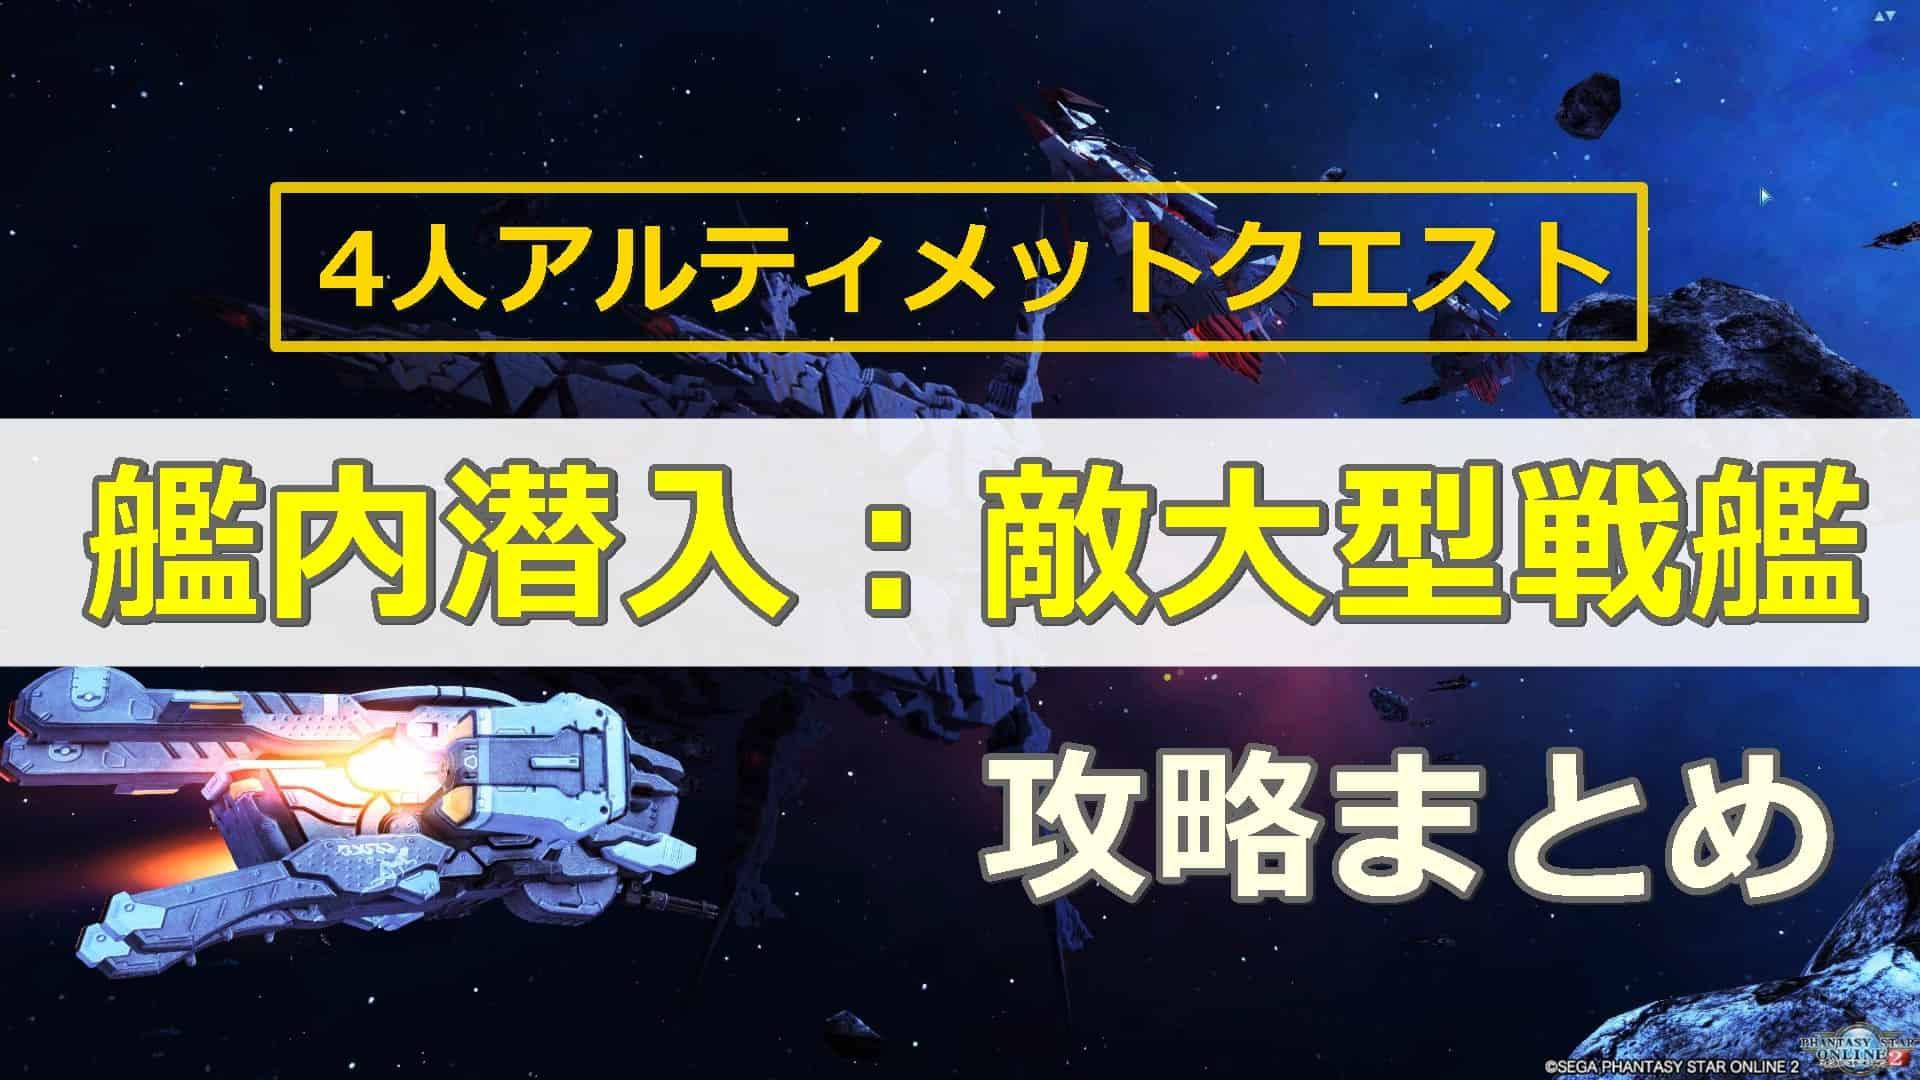 艦内潜入:敵大型戦艦の攻略(4人用アルティメット)